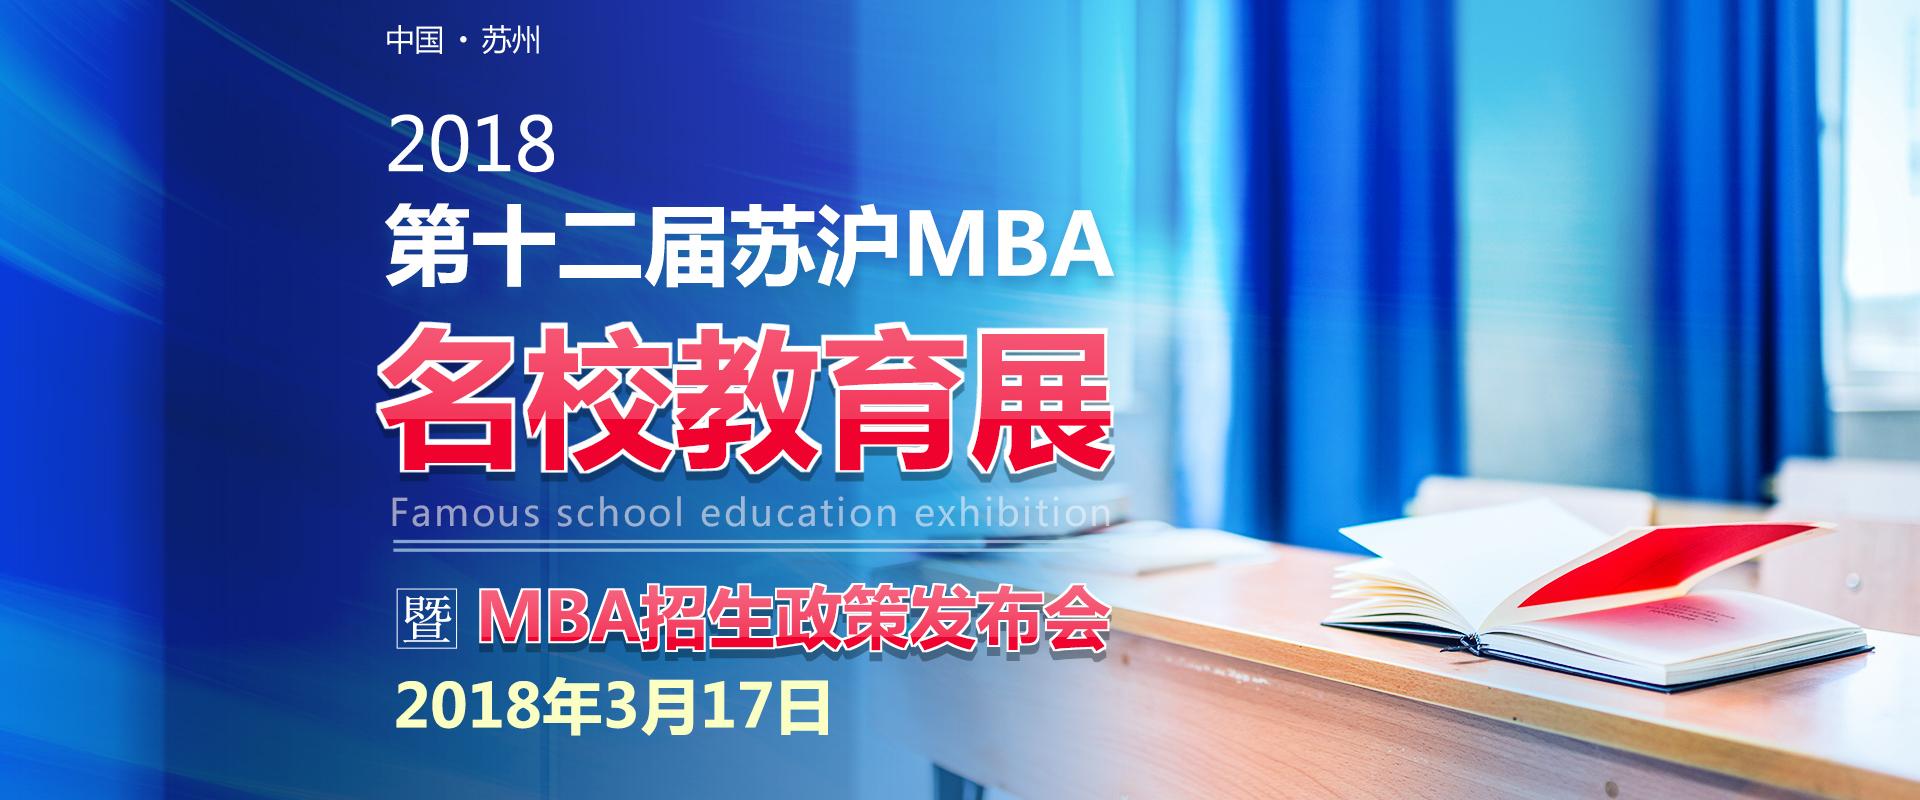 苏沪MBA名校教育展暨MBA招生政策发布会